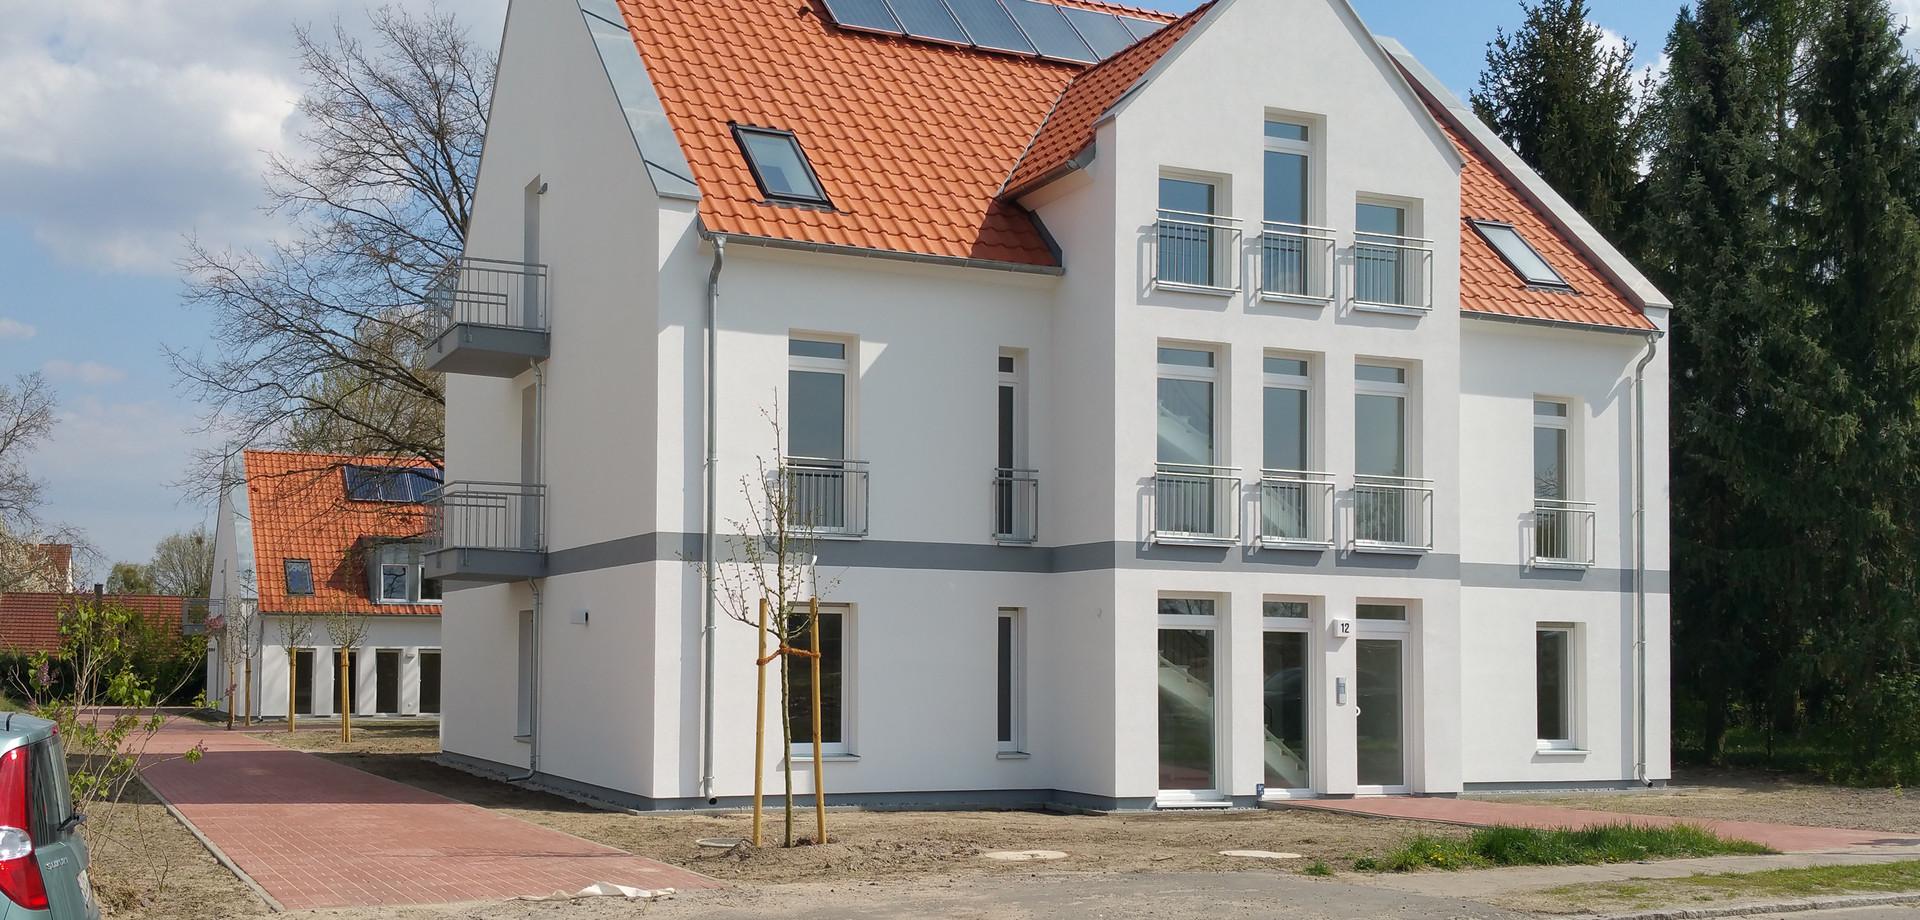 Straßenblick auf beide Gebäude